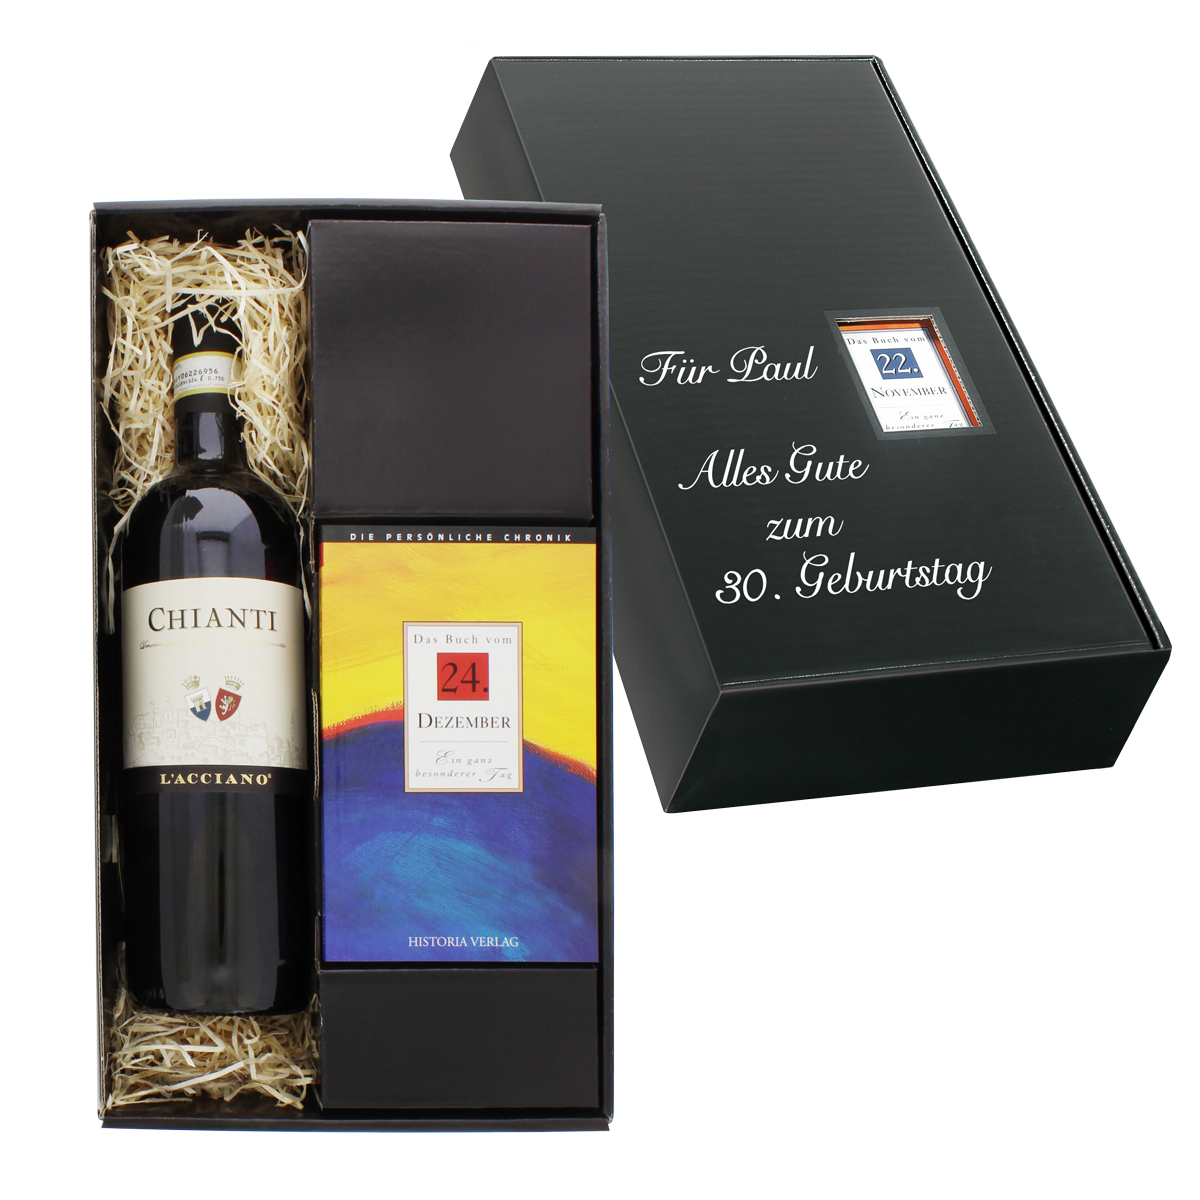 Italien-Set: Tageschronik vom 14. Oktober & Chianti-Wein